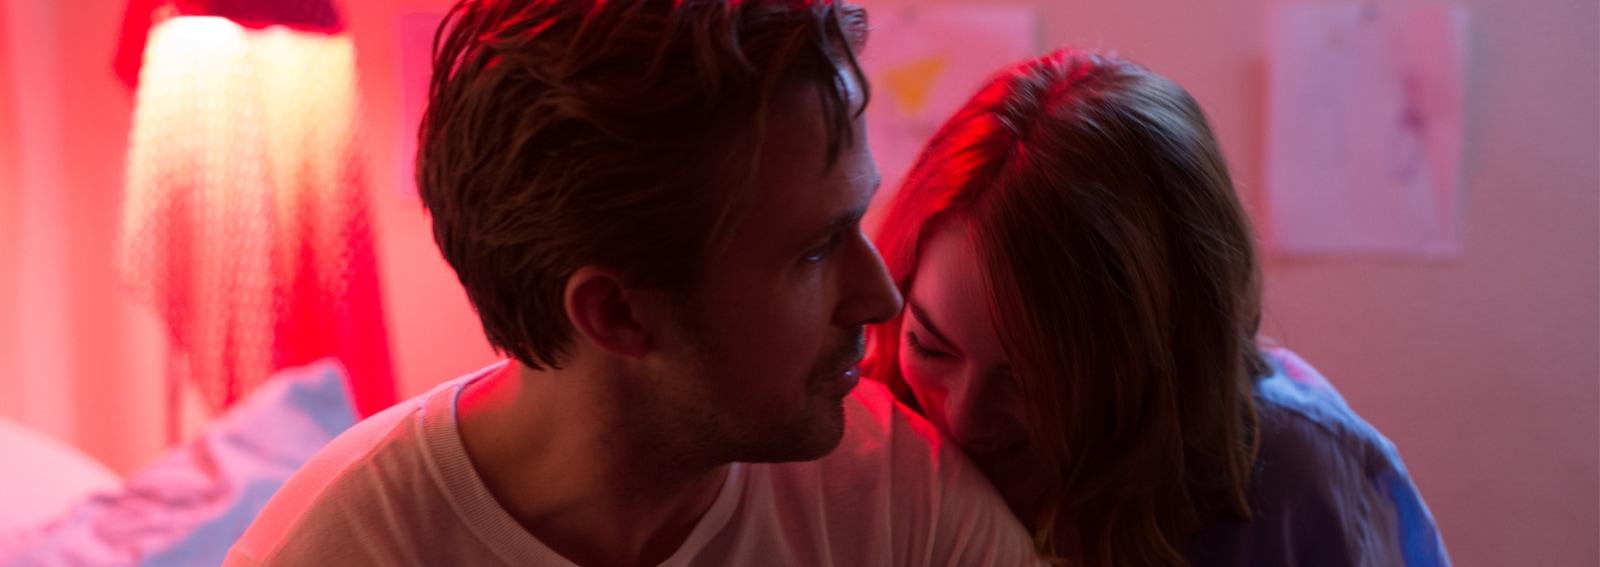 film romantici con scene hot incontri ragazze